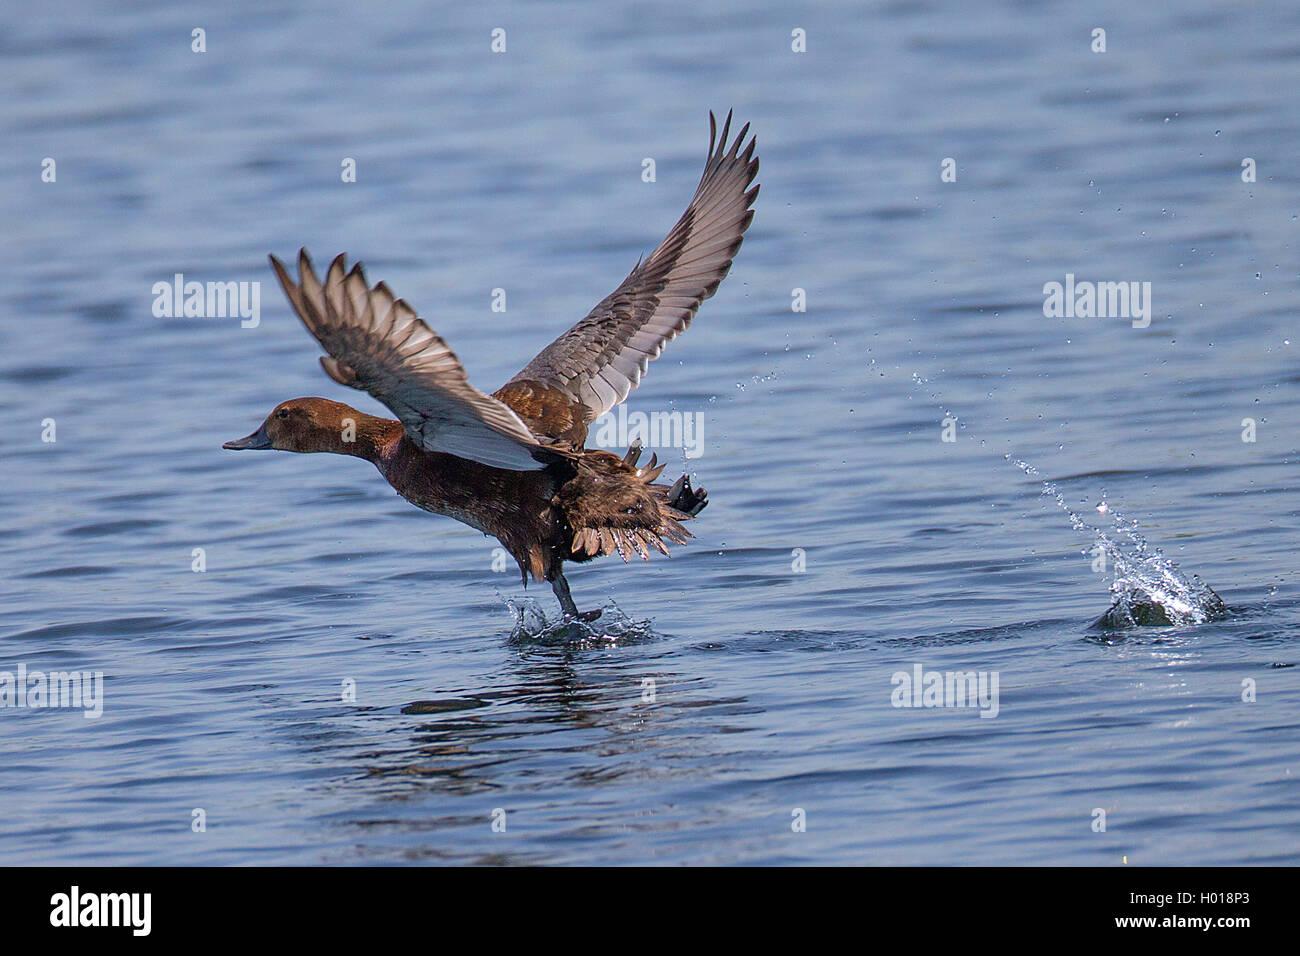 Tafelente, Tafel-Ente (Aythya ferina, Anas ferina), vom Wasser startendes Weibchen, Seitenansicht, Rumaenien, Donaudelta Immagini Stock